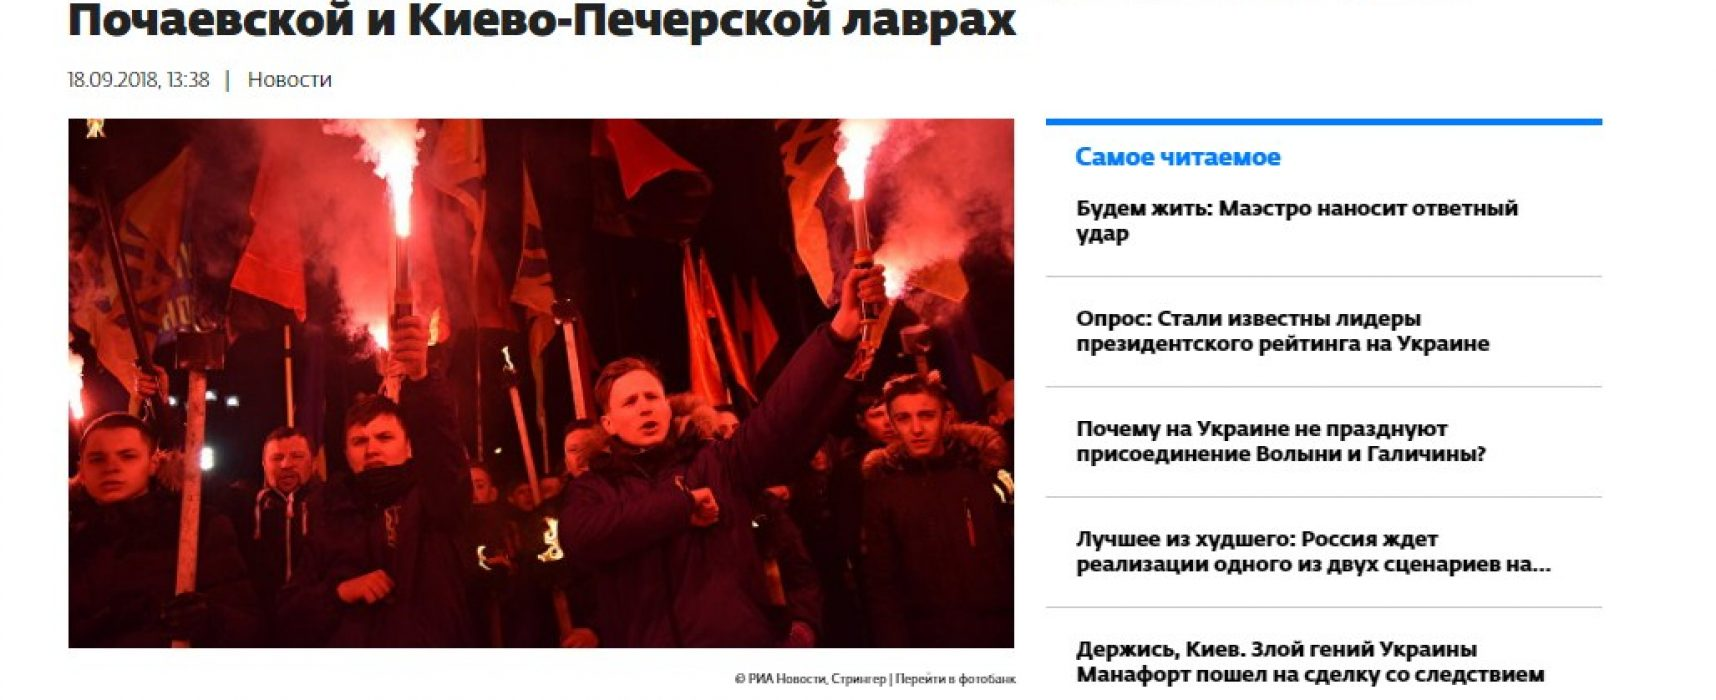 Фейк: Неонацистите се готвят да завземат Киево-печерската лавра